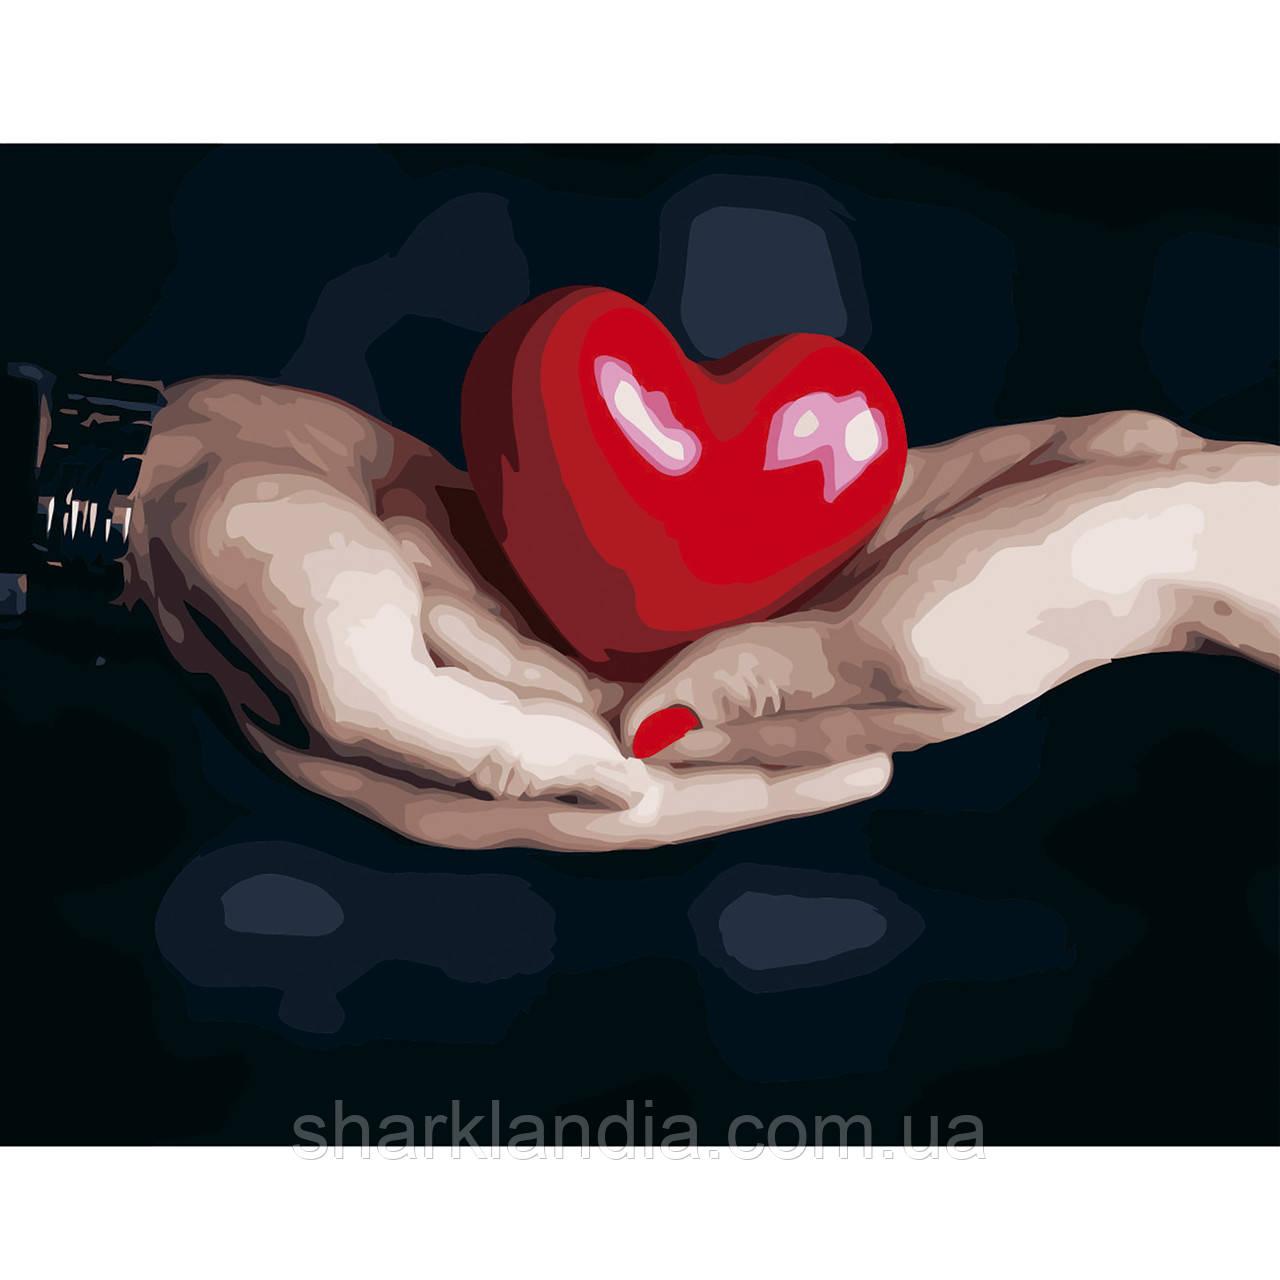 Картина по номерам Сердце в лодошках 40х50см Strateg